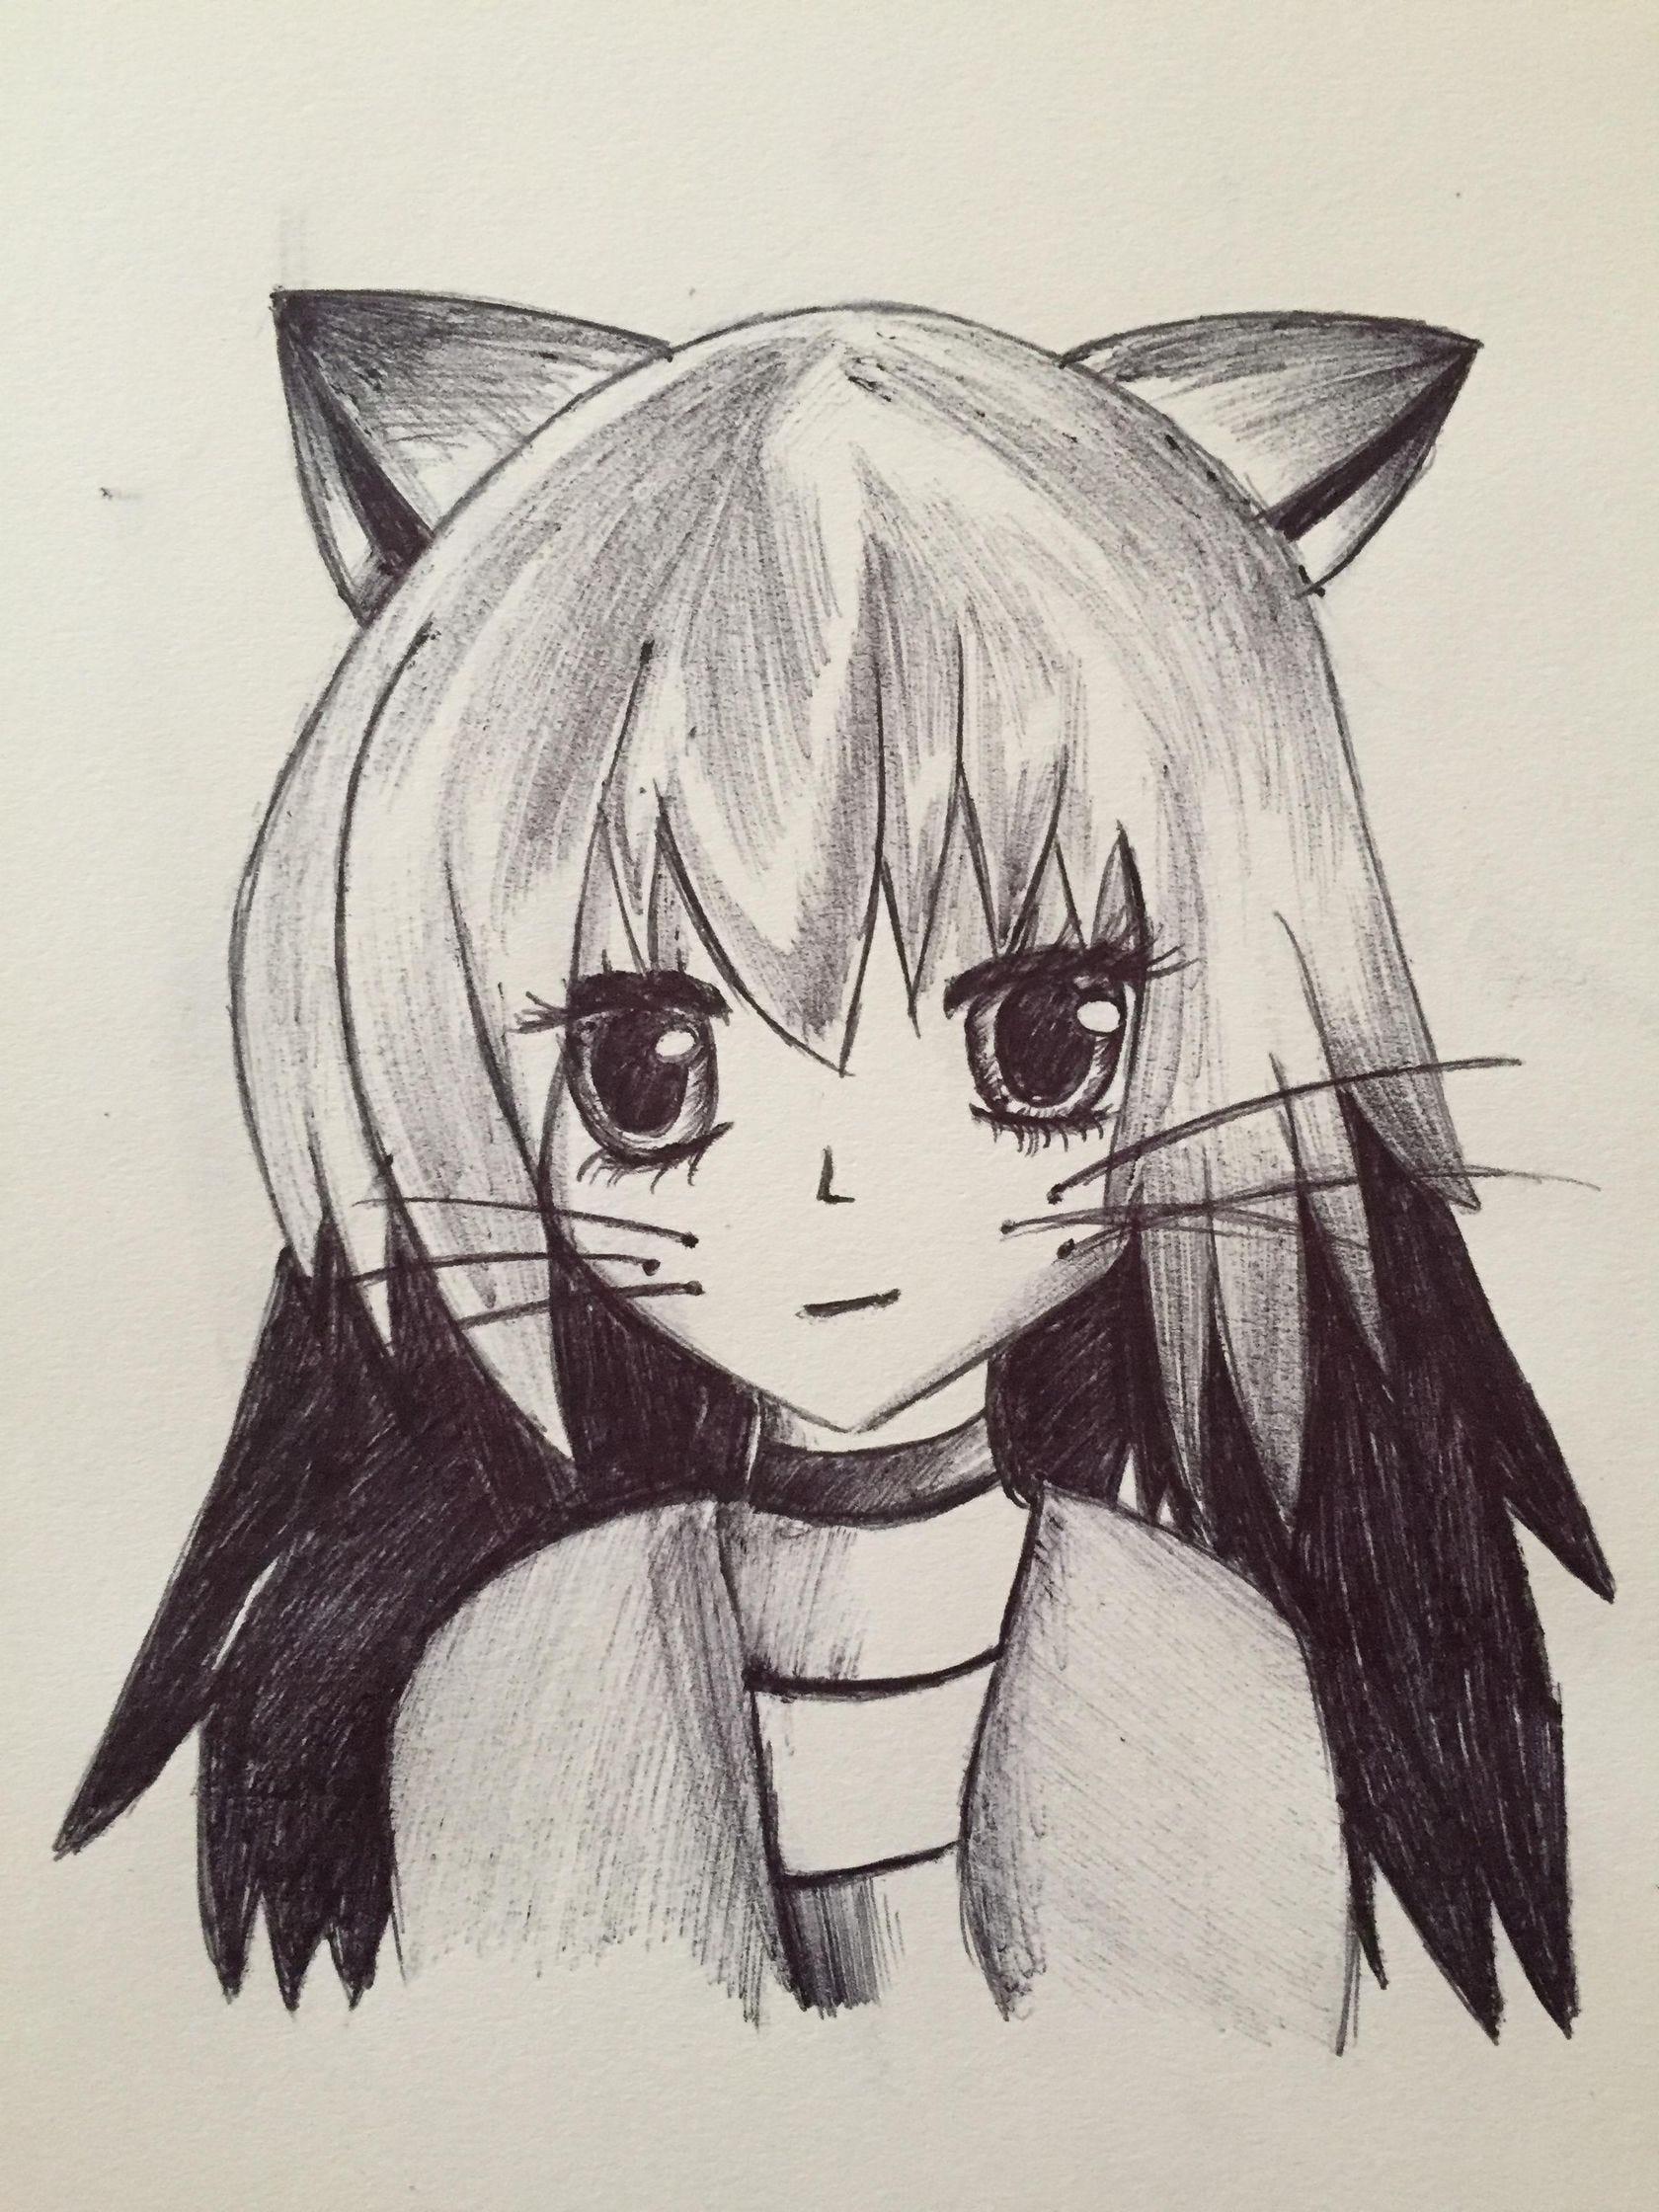 Cat Drawing Anime : drawing, anime, Anime, Drawing, (Original, Kaylin), KaylinArt, Medium